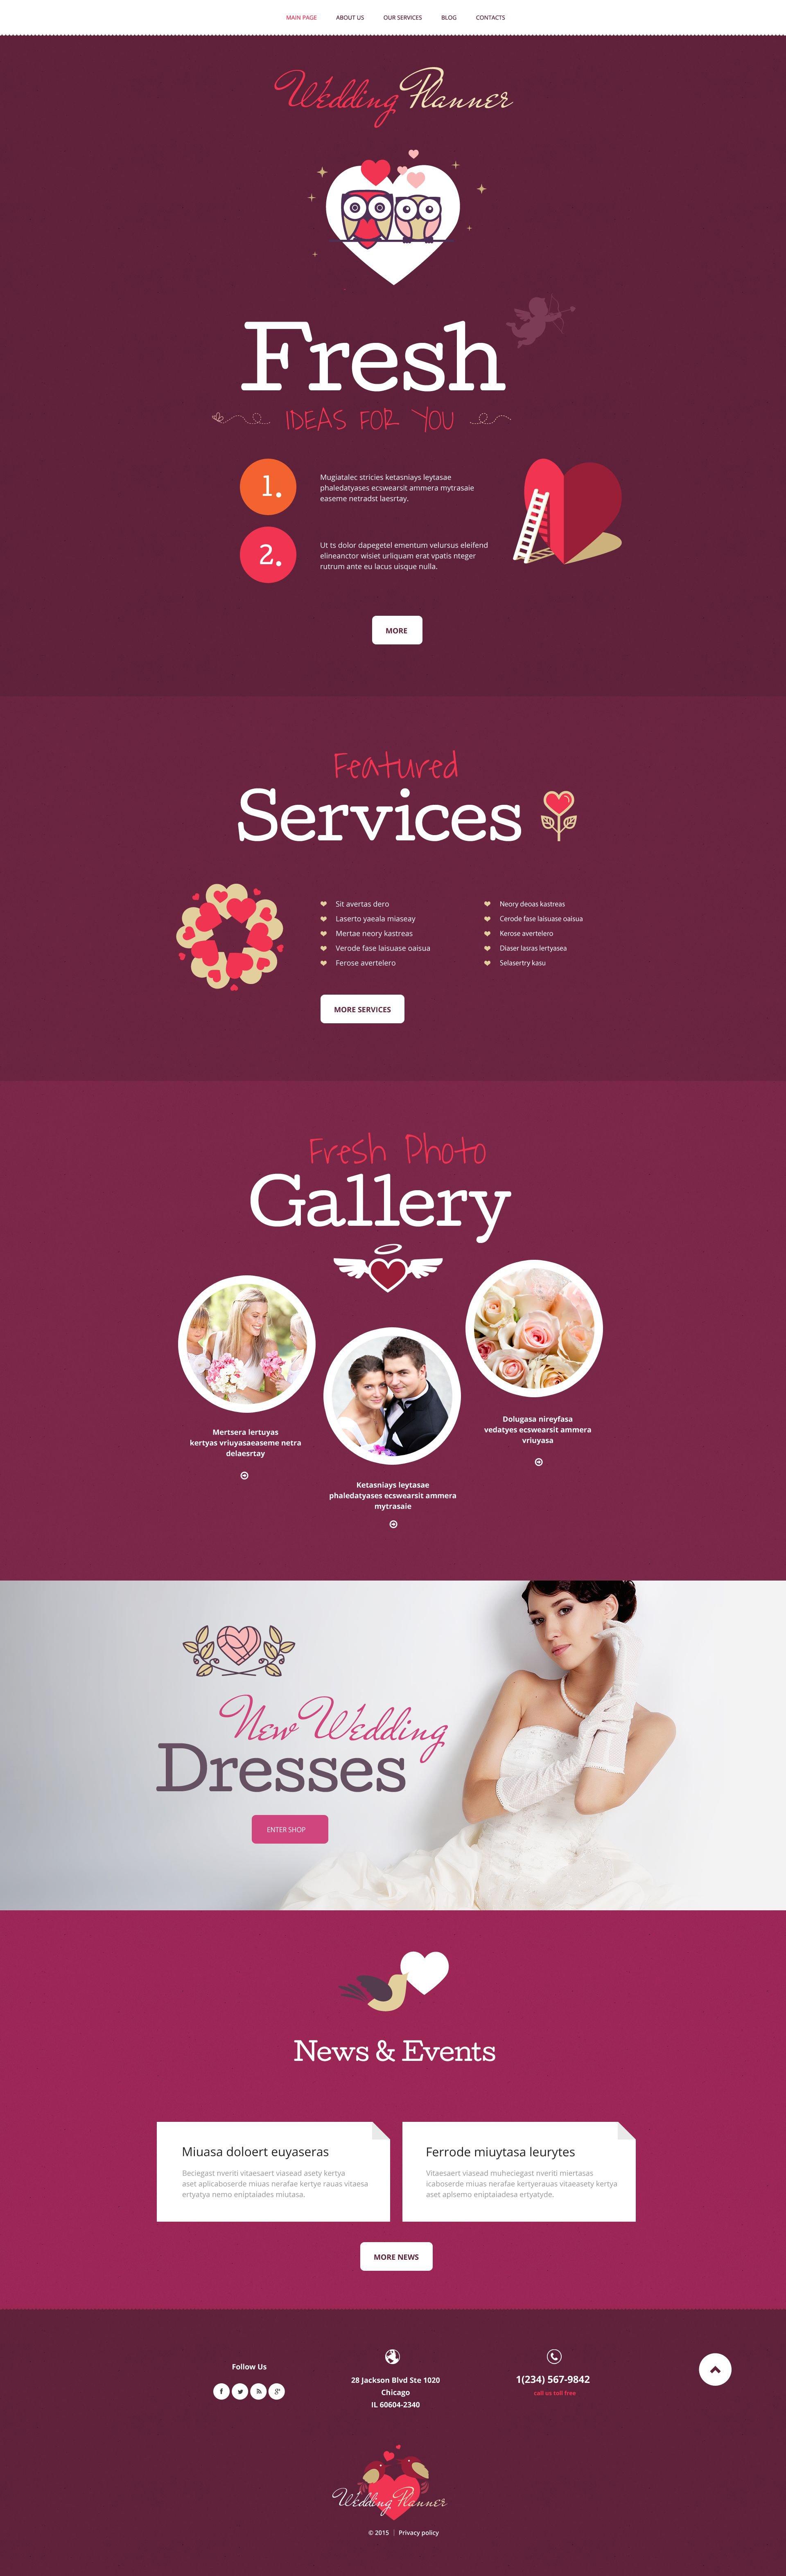 """""""Wedding Planner"""" - адаптивний WordPress шаблон №55043 - скріншот"""